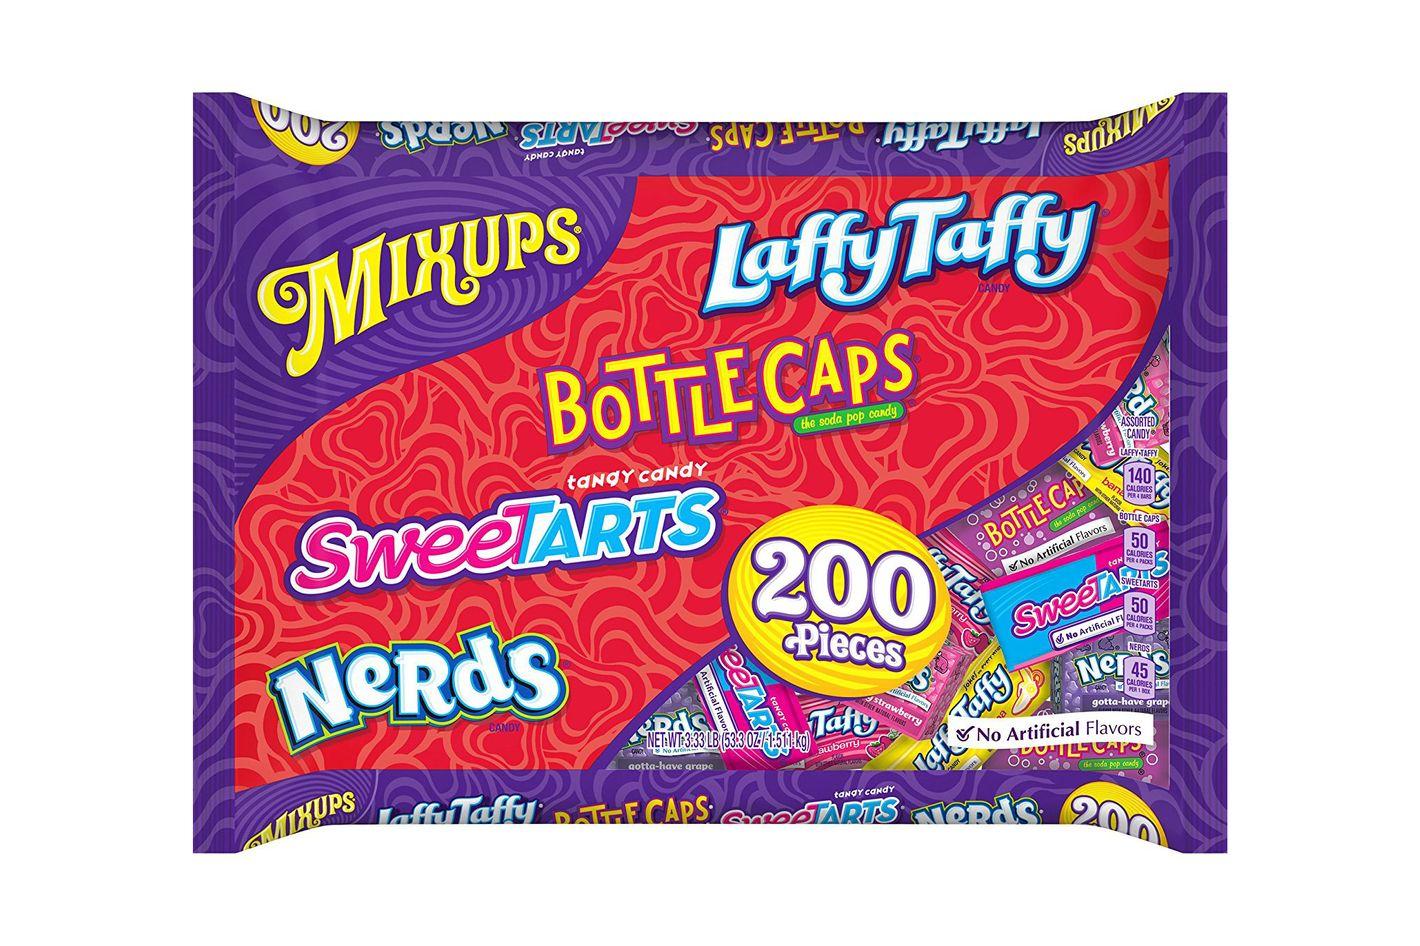 Nestlé Halloween Candy Assorted Sugar Mix-Ups, 200 pieces